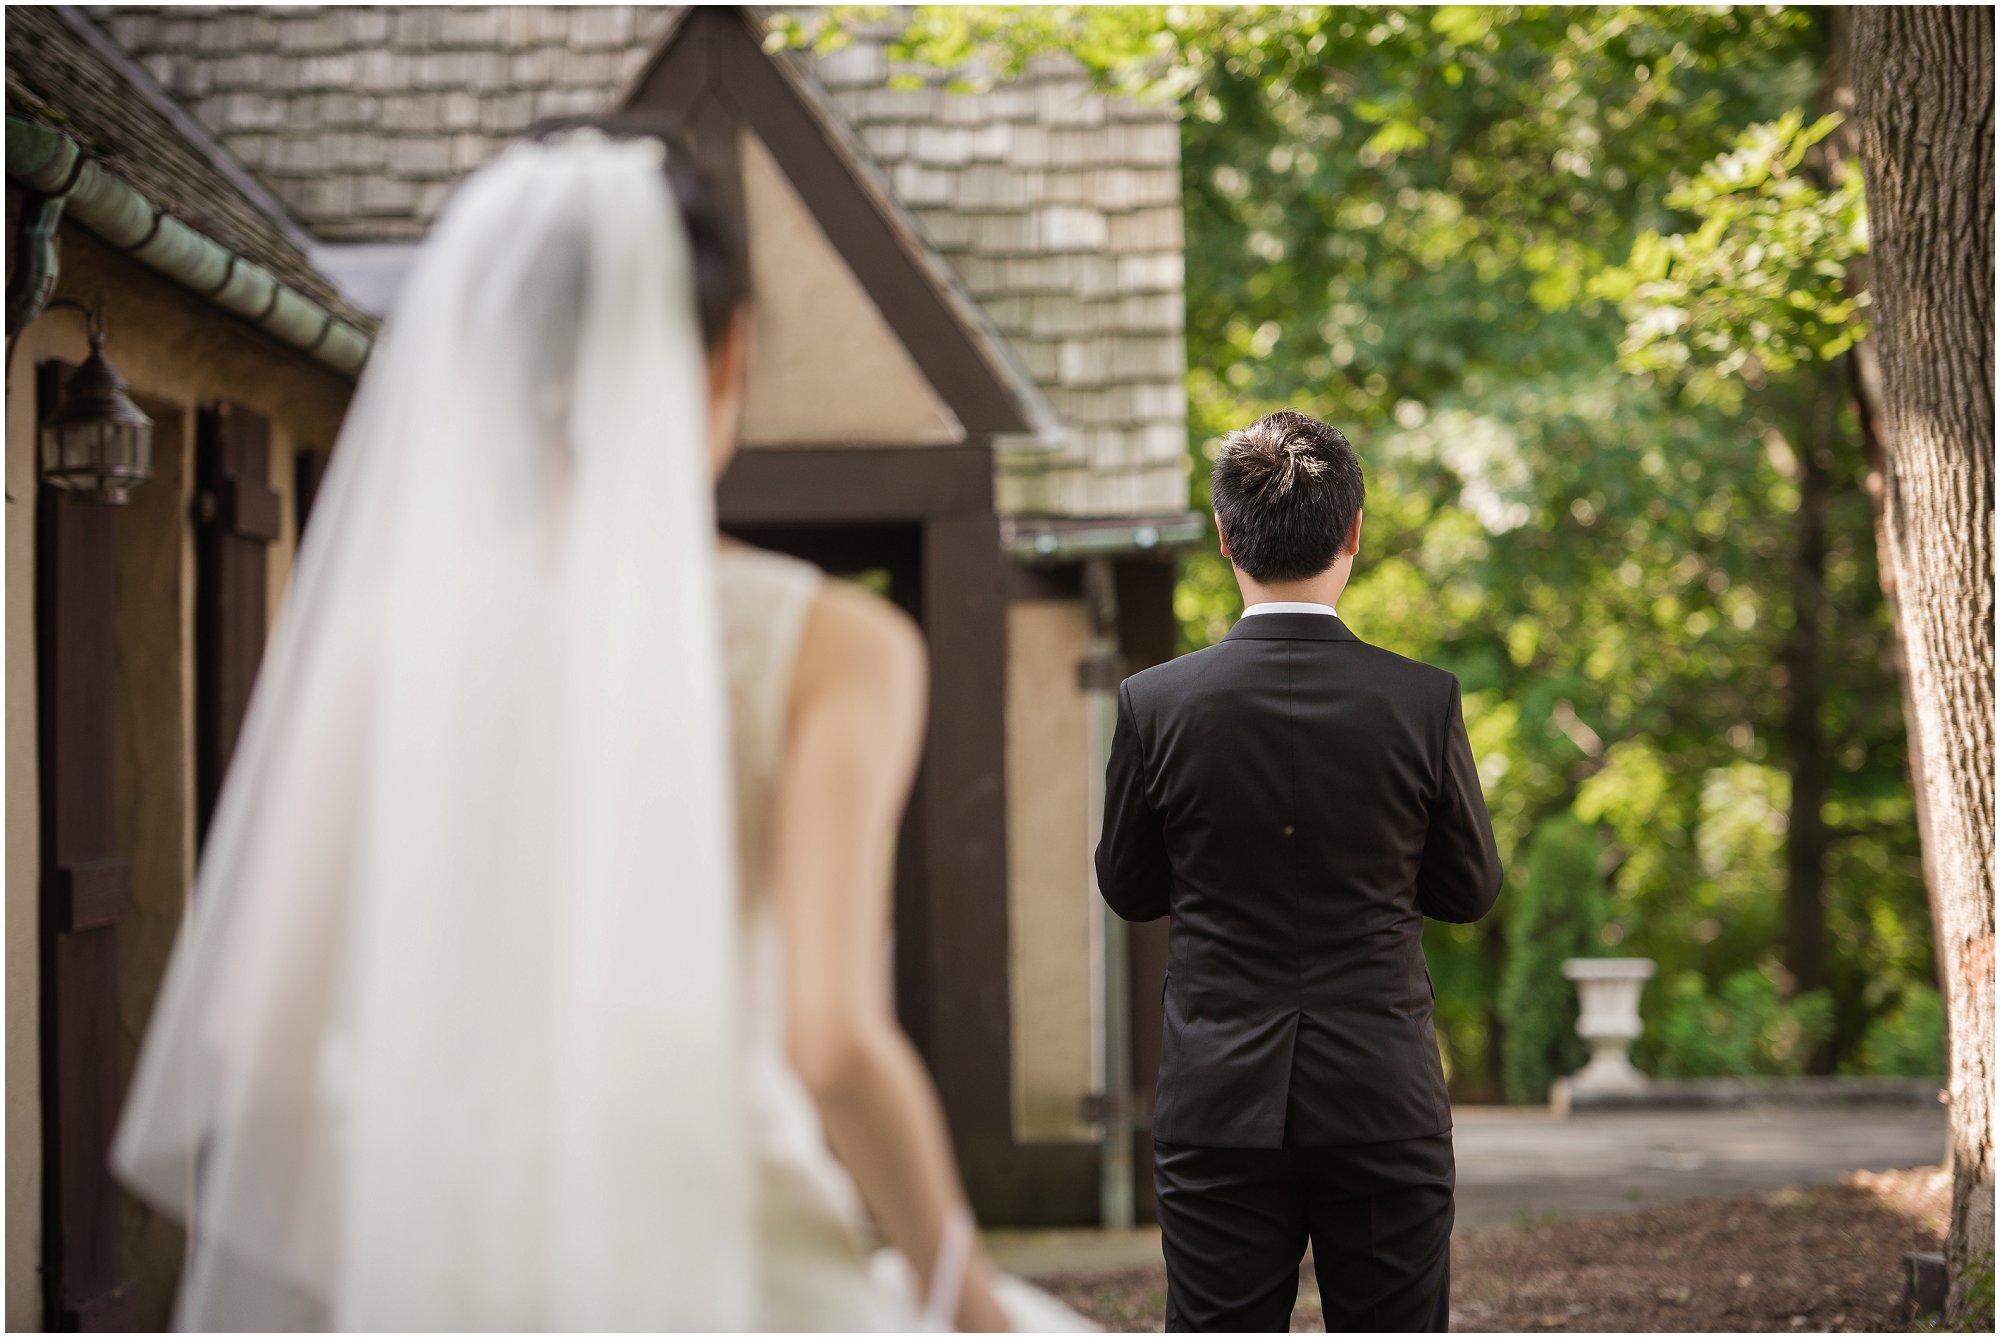 University-of-michigan-museum-of-art-wedding_1302.jpg